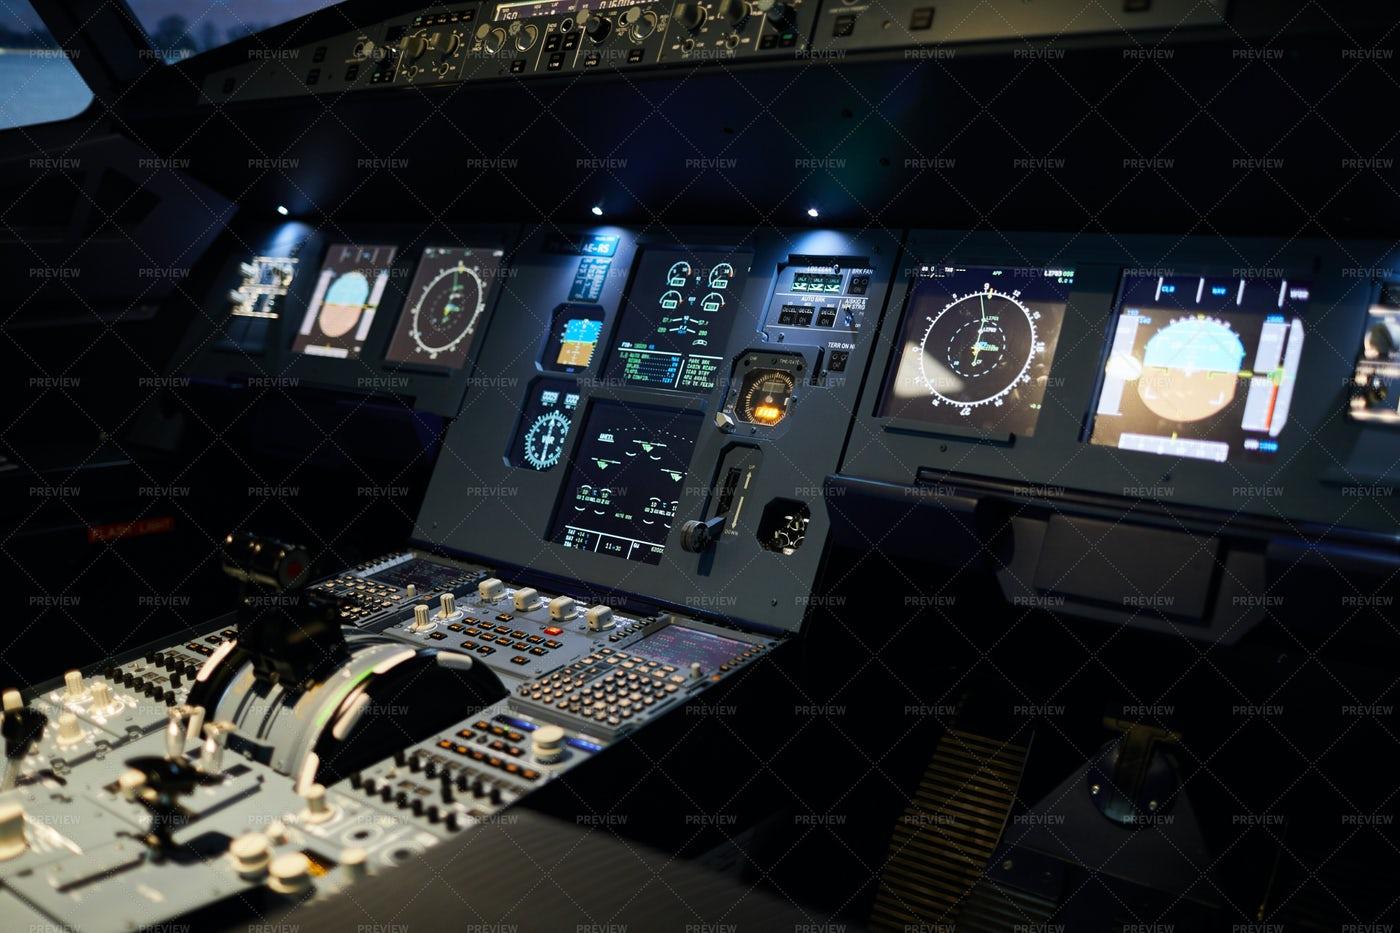 Night Illumination Of Cockpit: Stock Photos